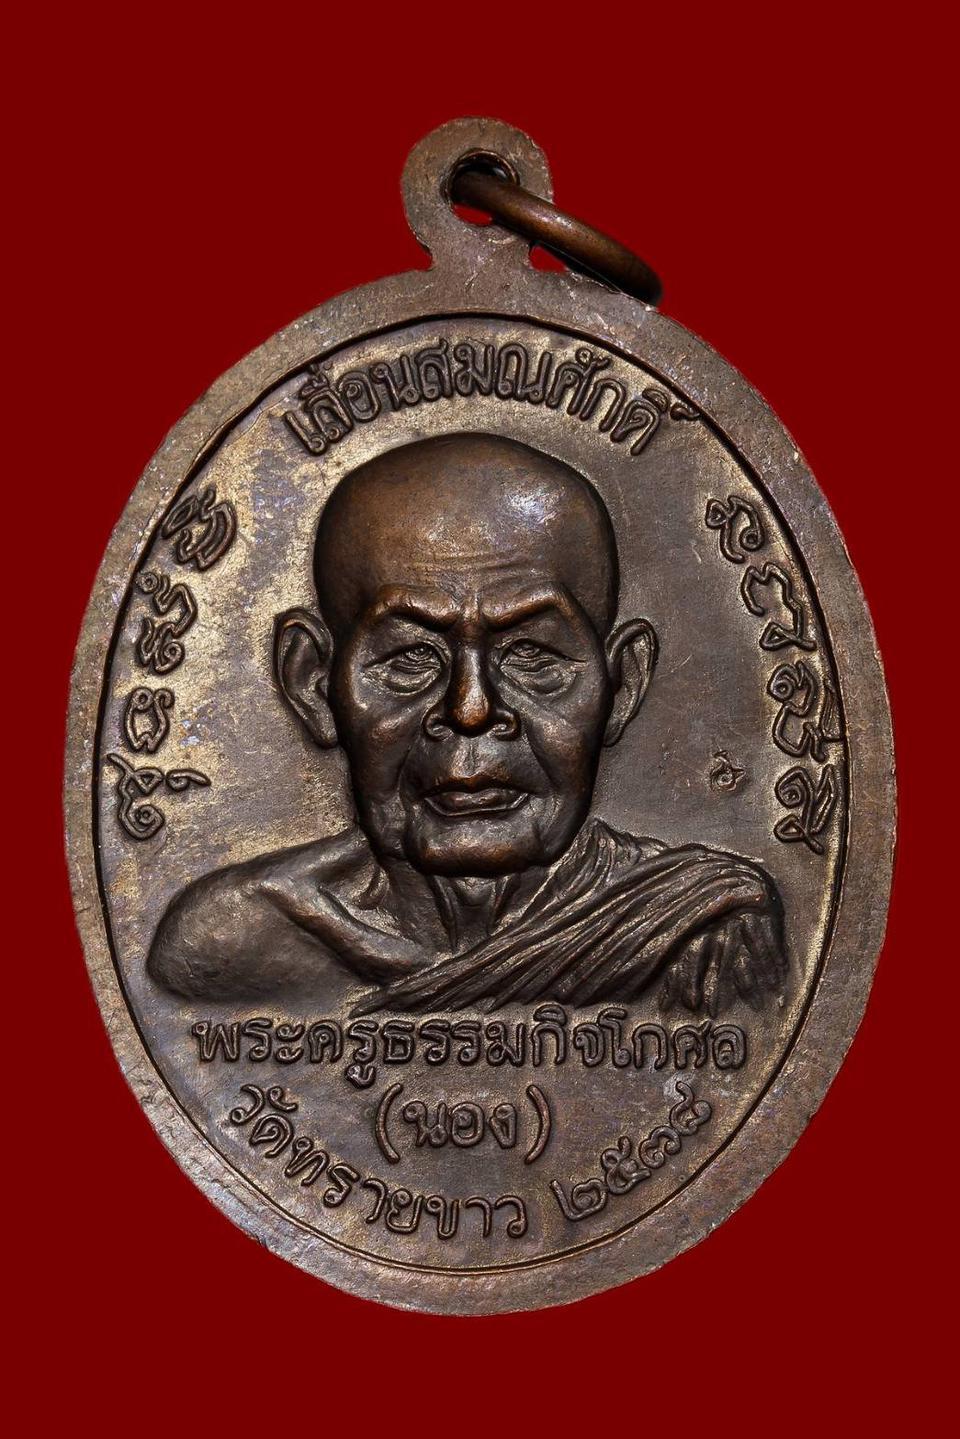 เปิดคับ เหรียญเลื่อน สมณศักดิ์ พระอาจารย์นอง วัดทรายขาว รูปที่ 1